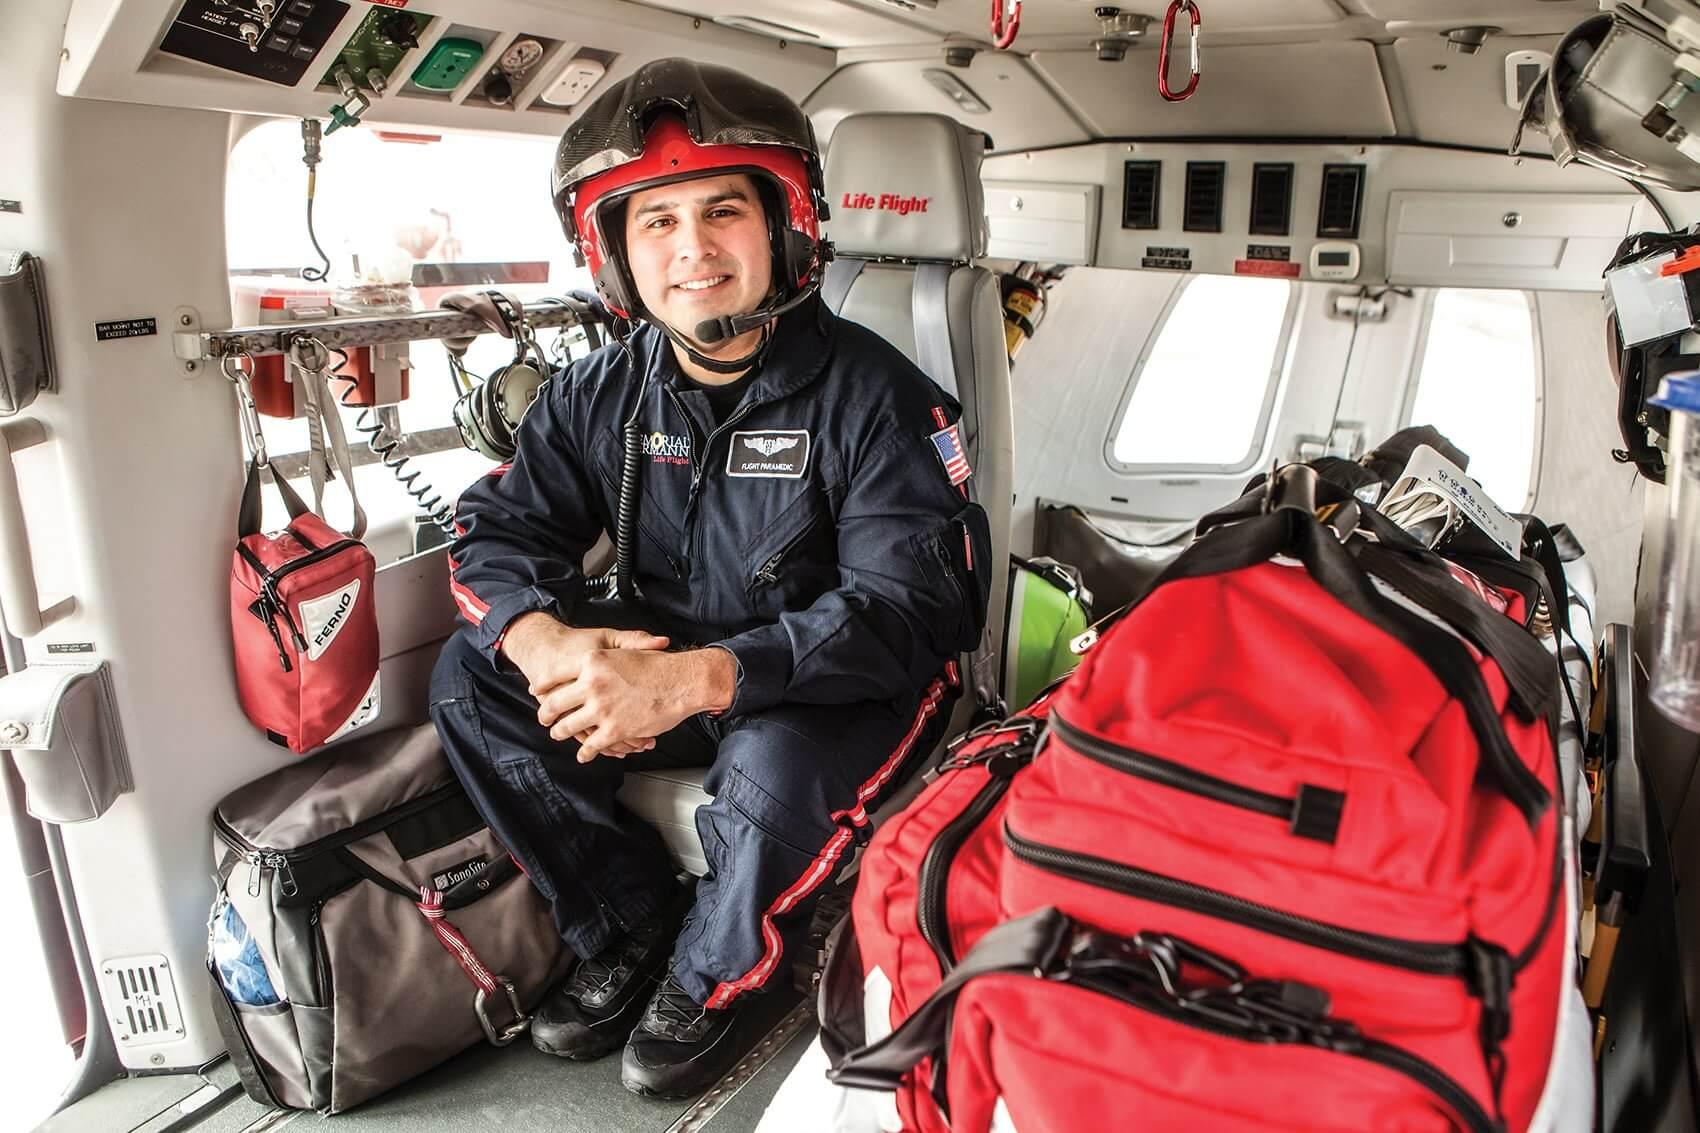 Thomas De La Fuente, Flight Paramedic, Memorial Hermann Life Flight